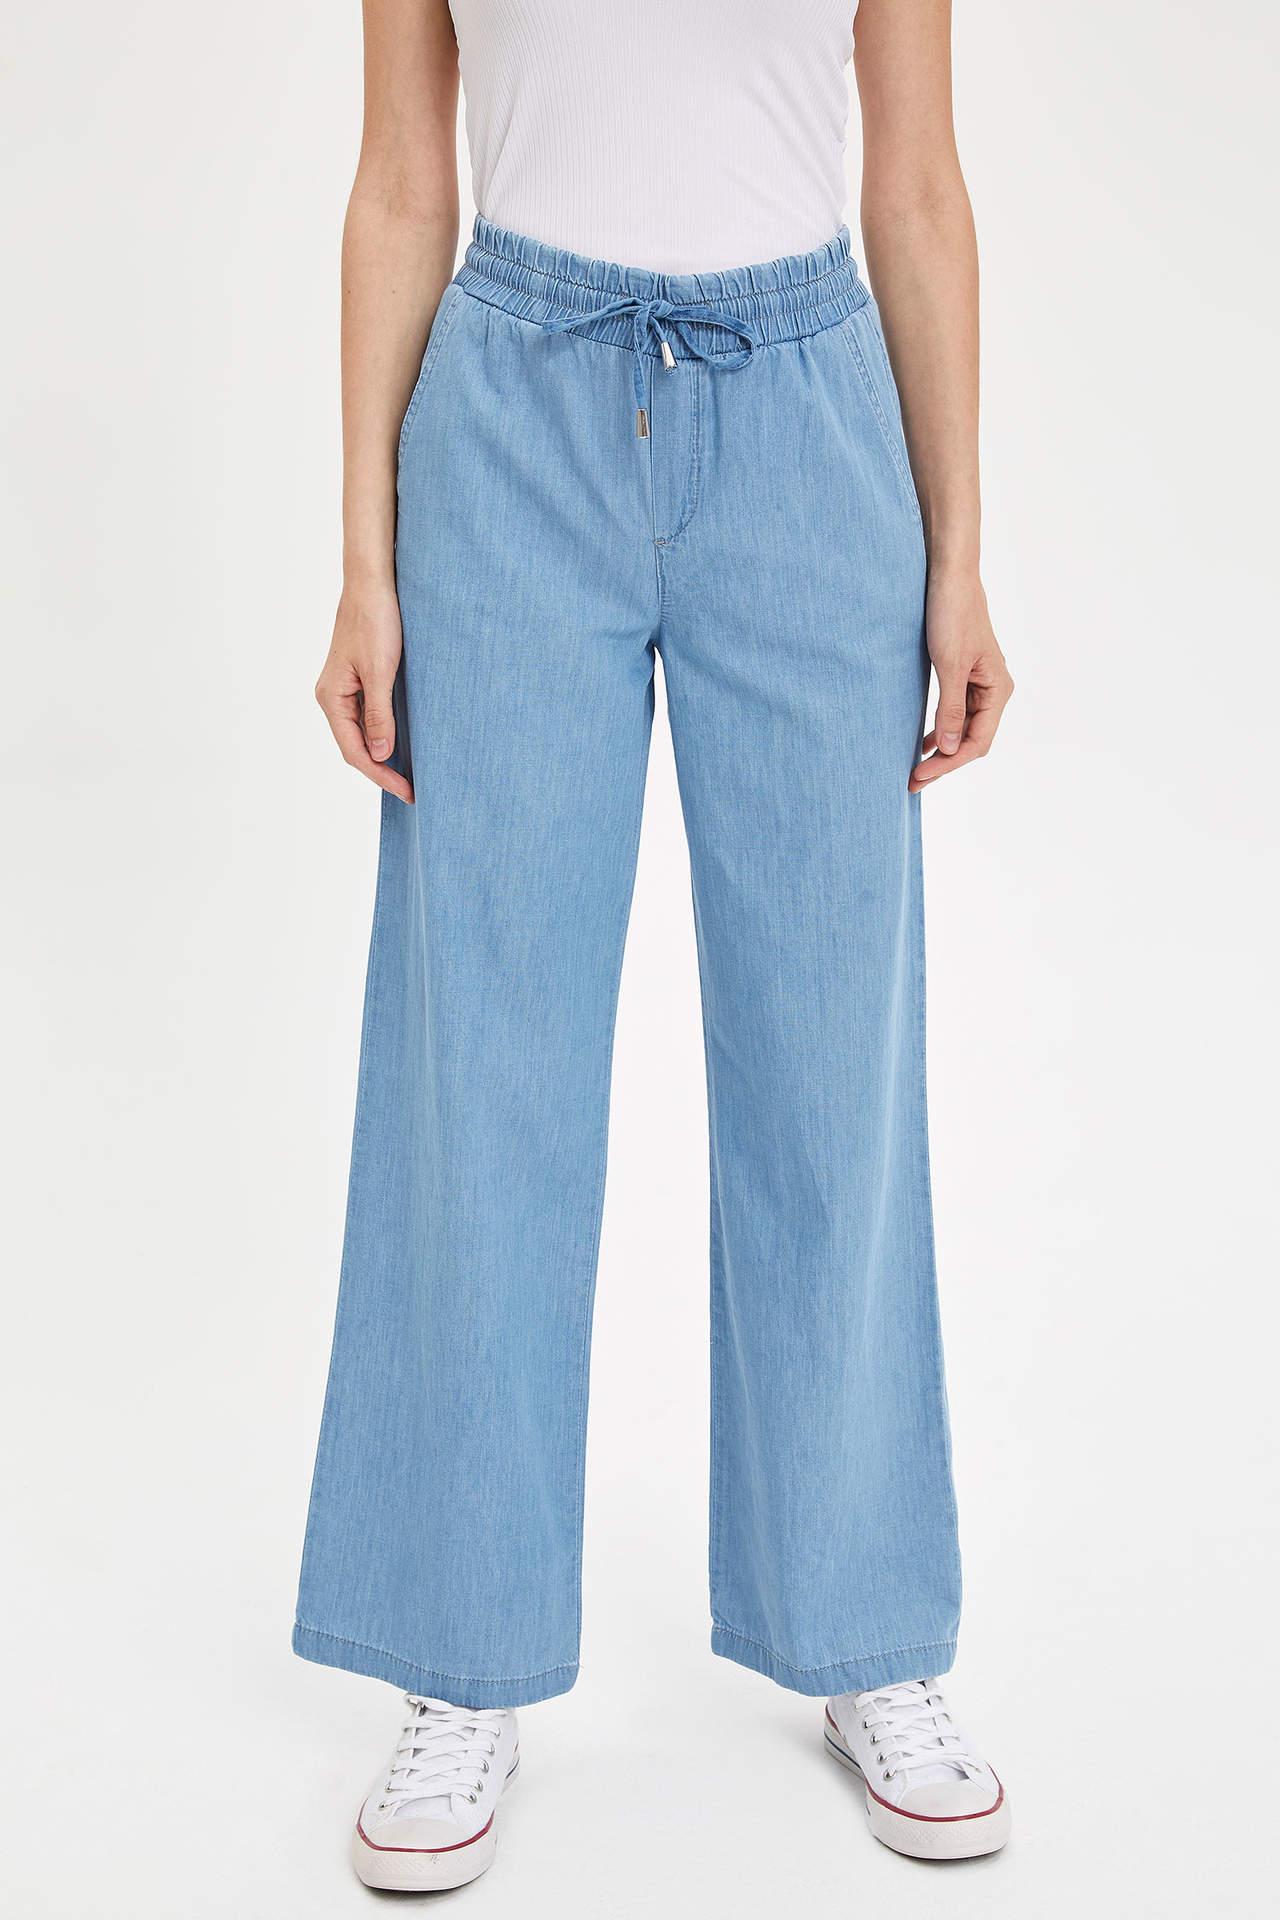 Defacto Kadın Fashion Fit Jean Pantolon